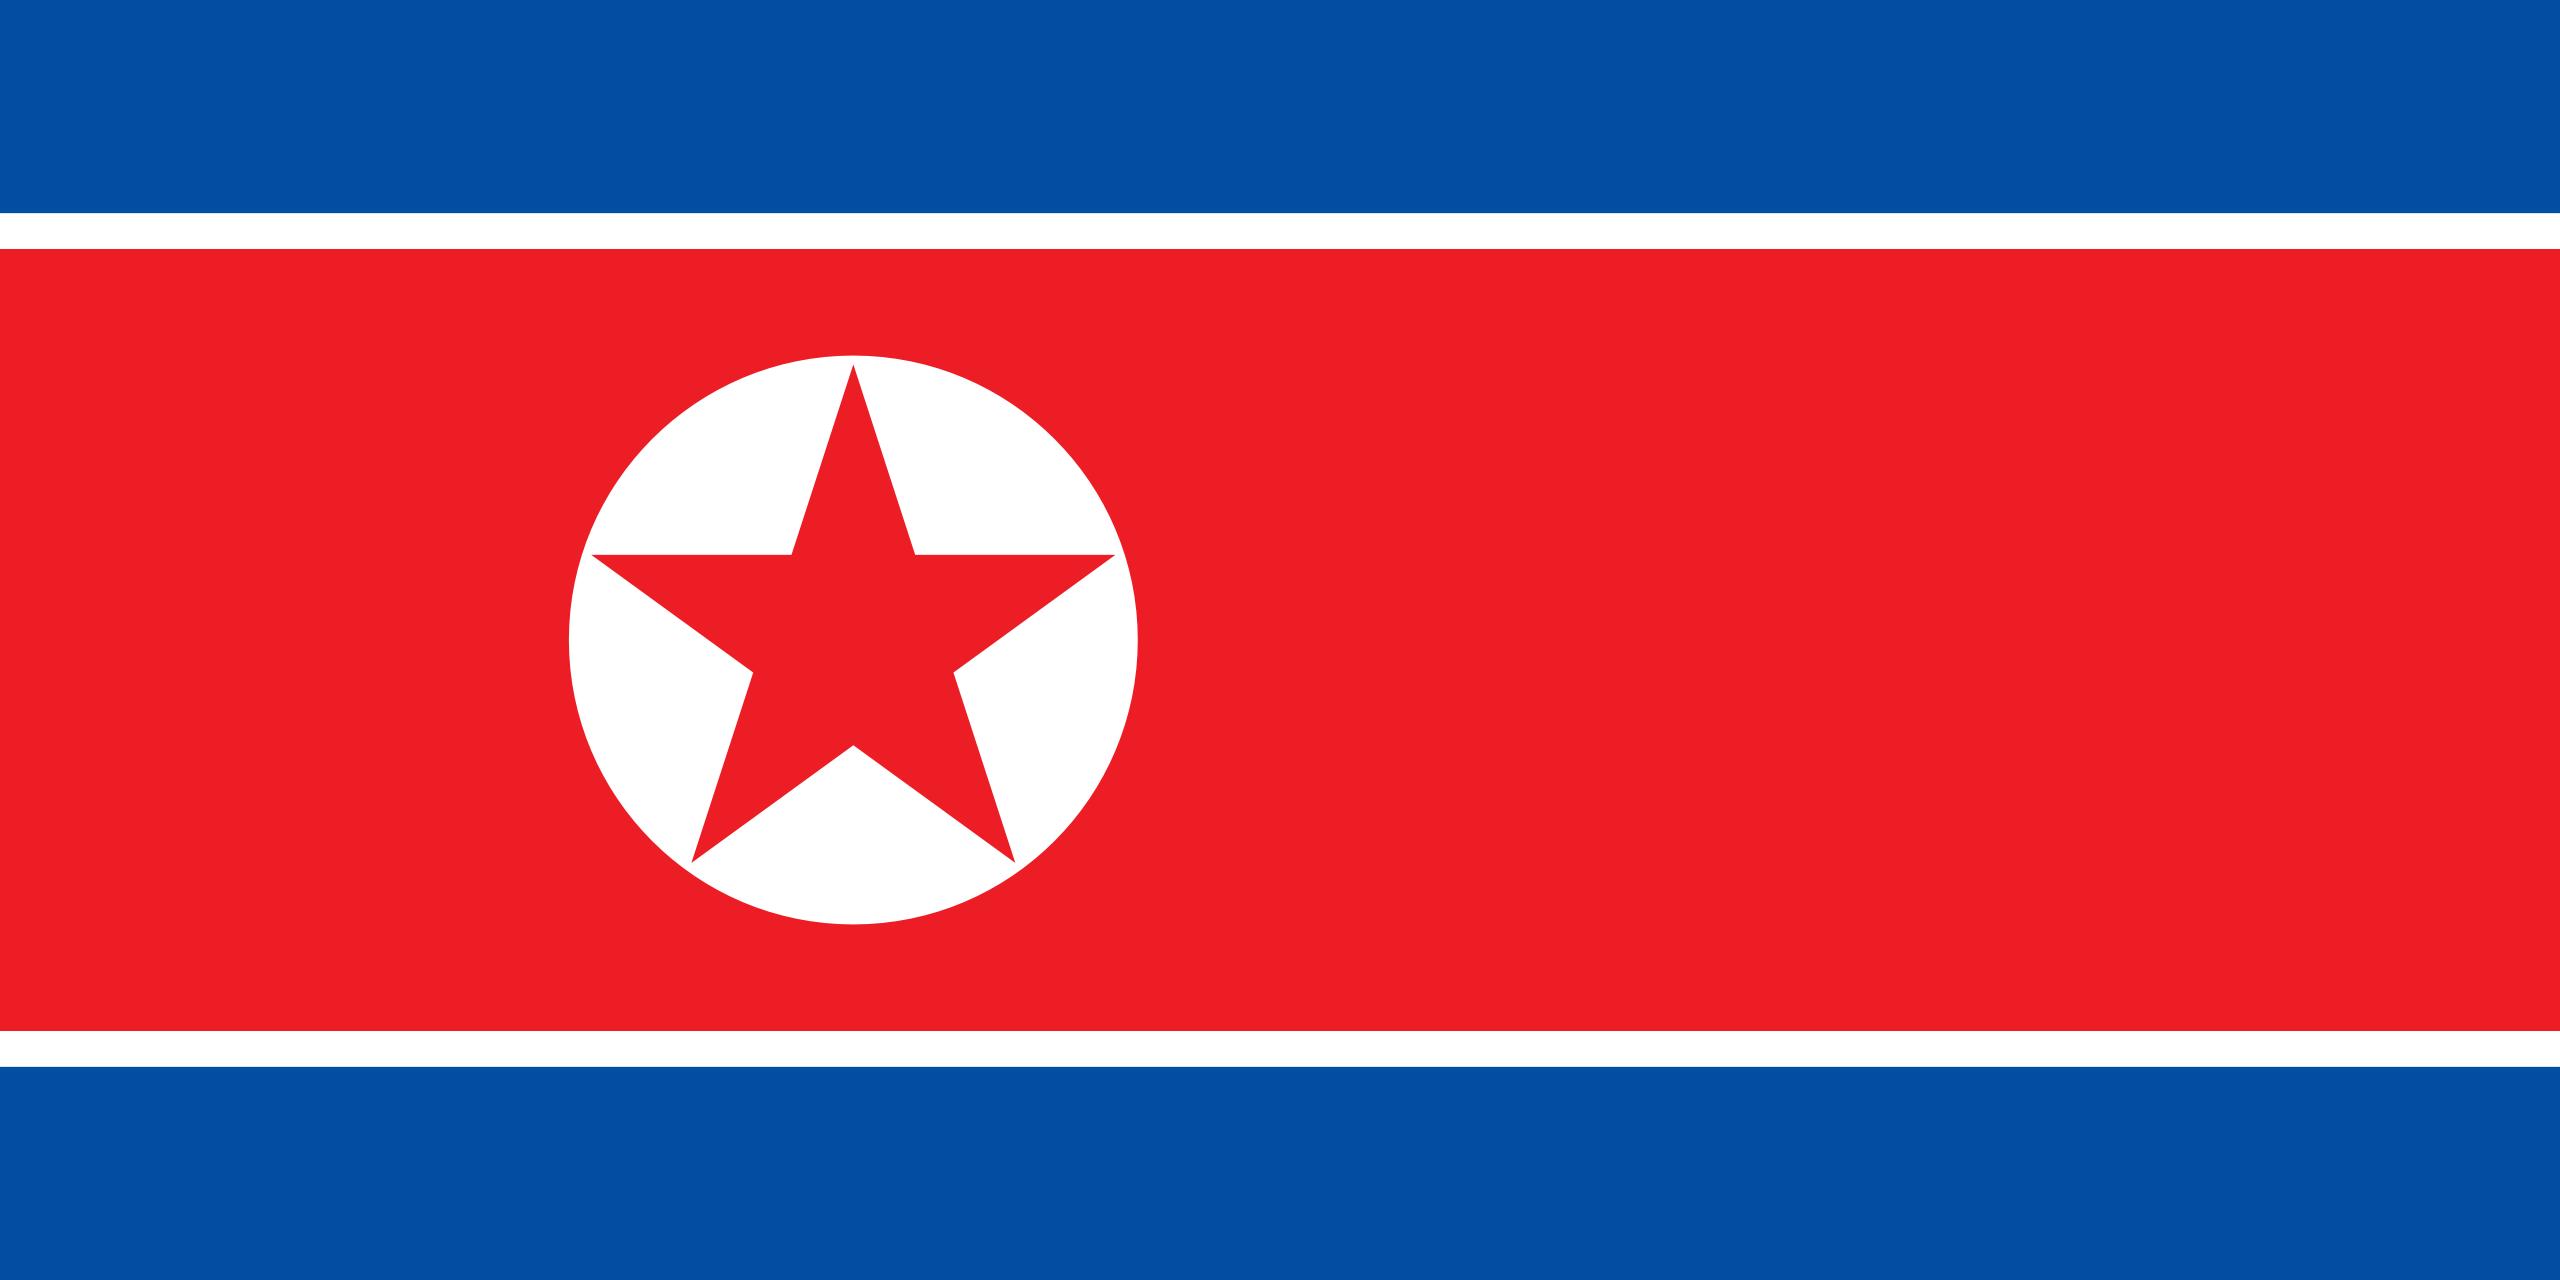 corea del norte, Land, Emblem, Logo, Symbol - Wallpaper HD - Prof.-falken.com